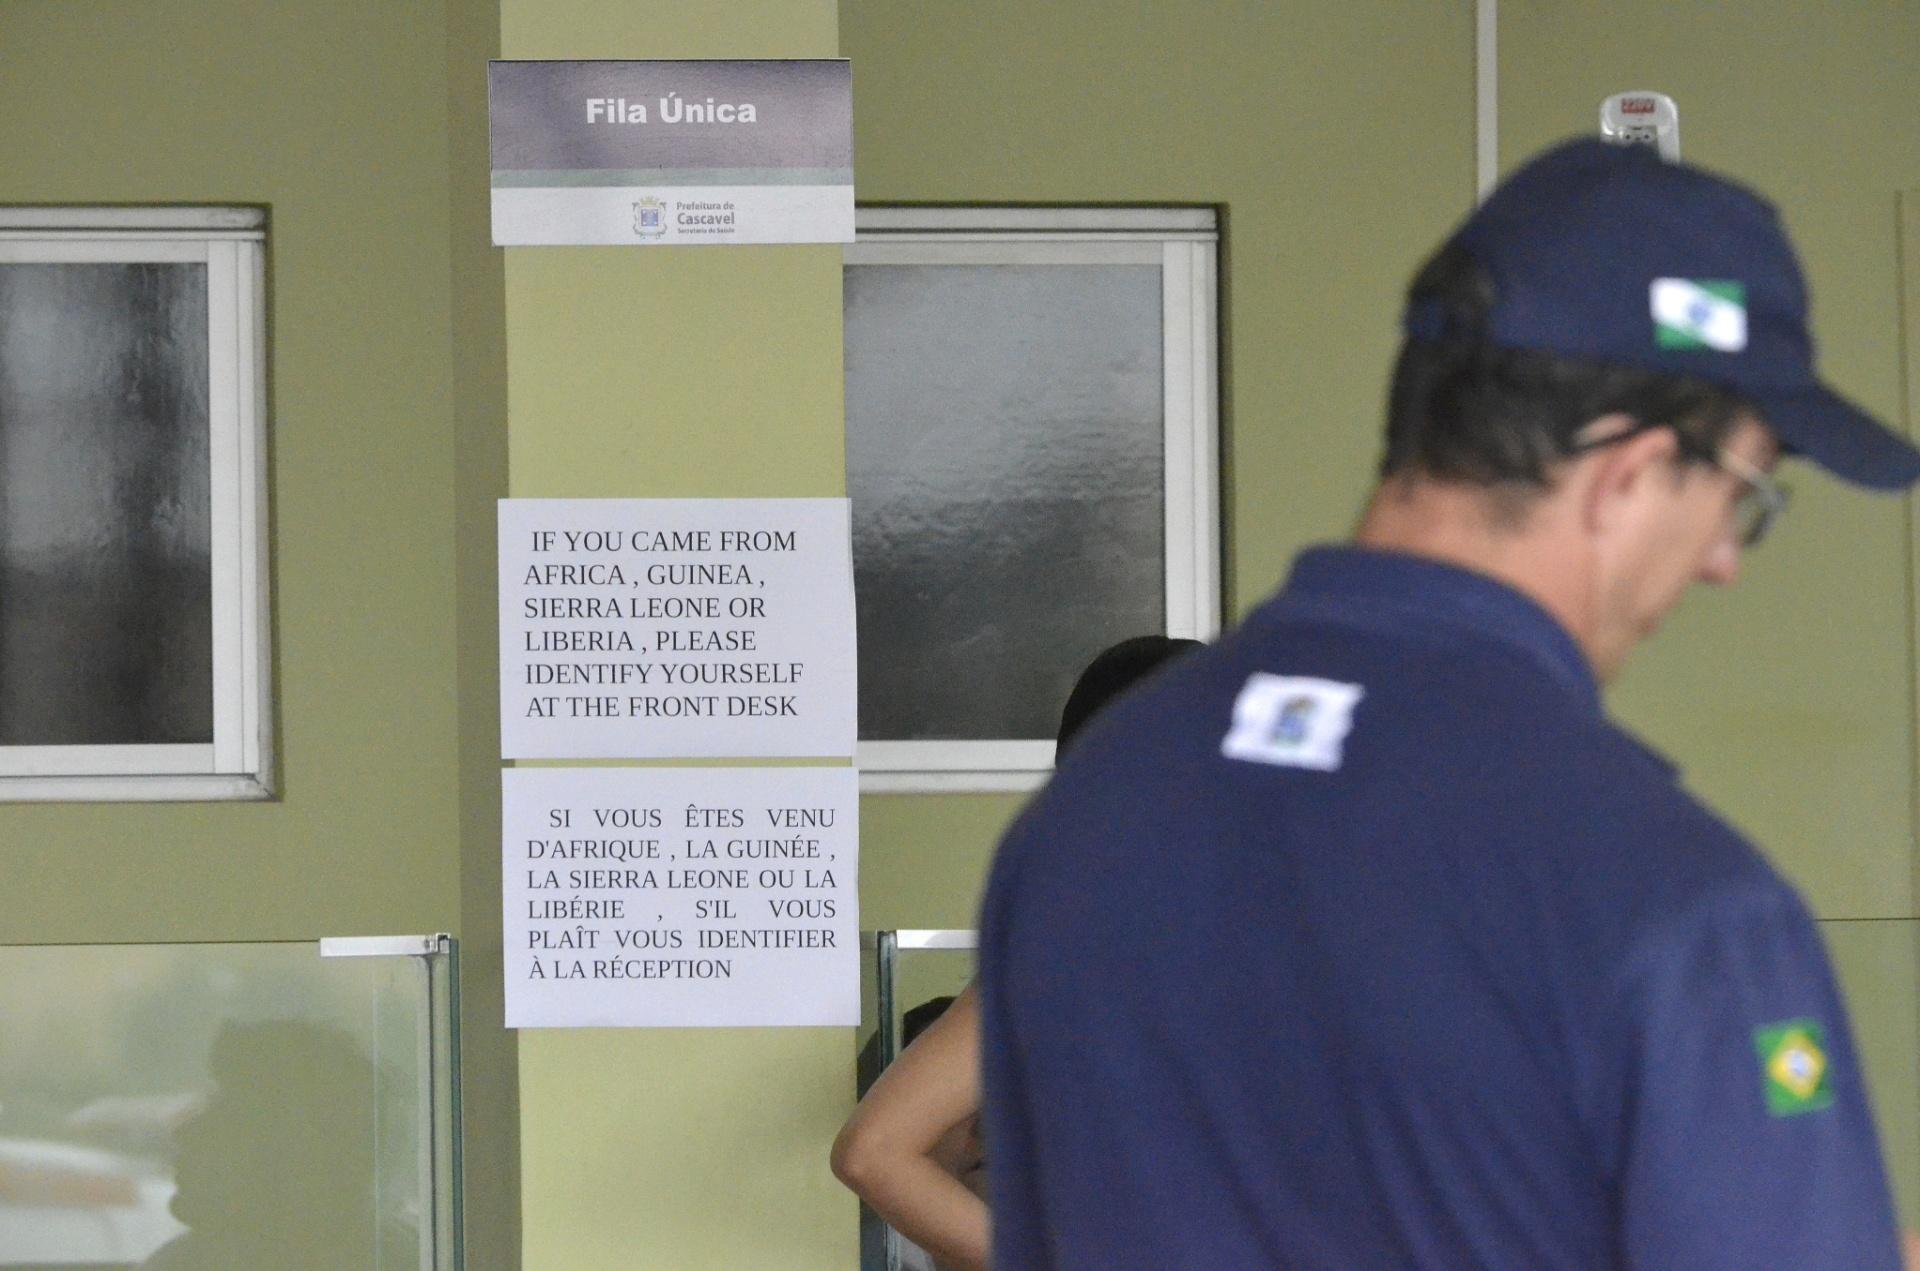 11.out.2014 - Unidade de Pronto Atendimento de Cascavel tem alertas para pacientes que vêm de áreas de risco para o ebola